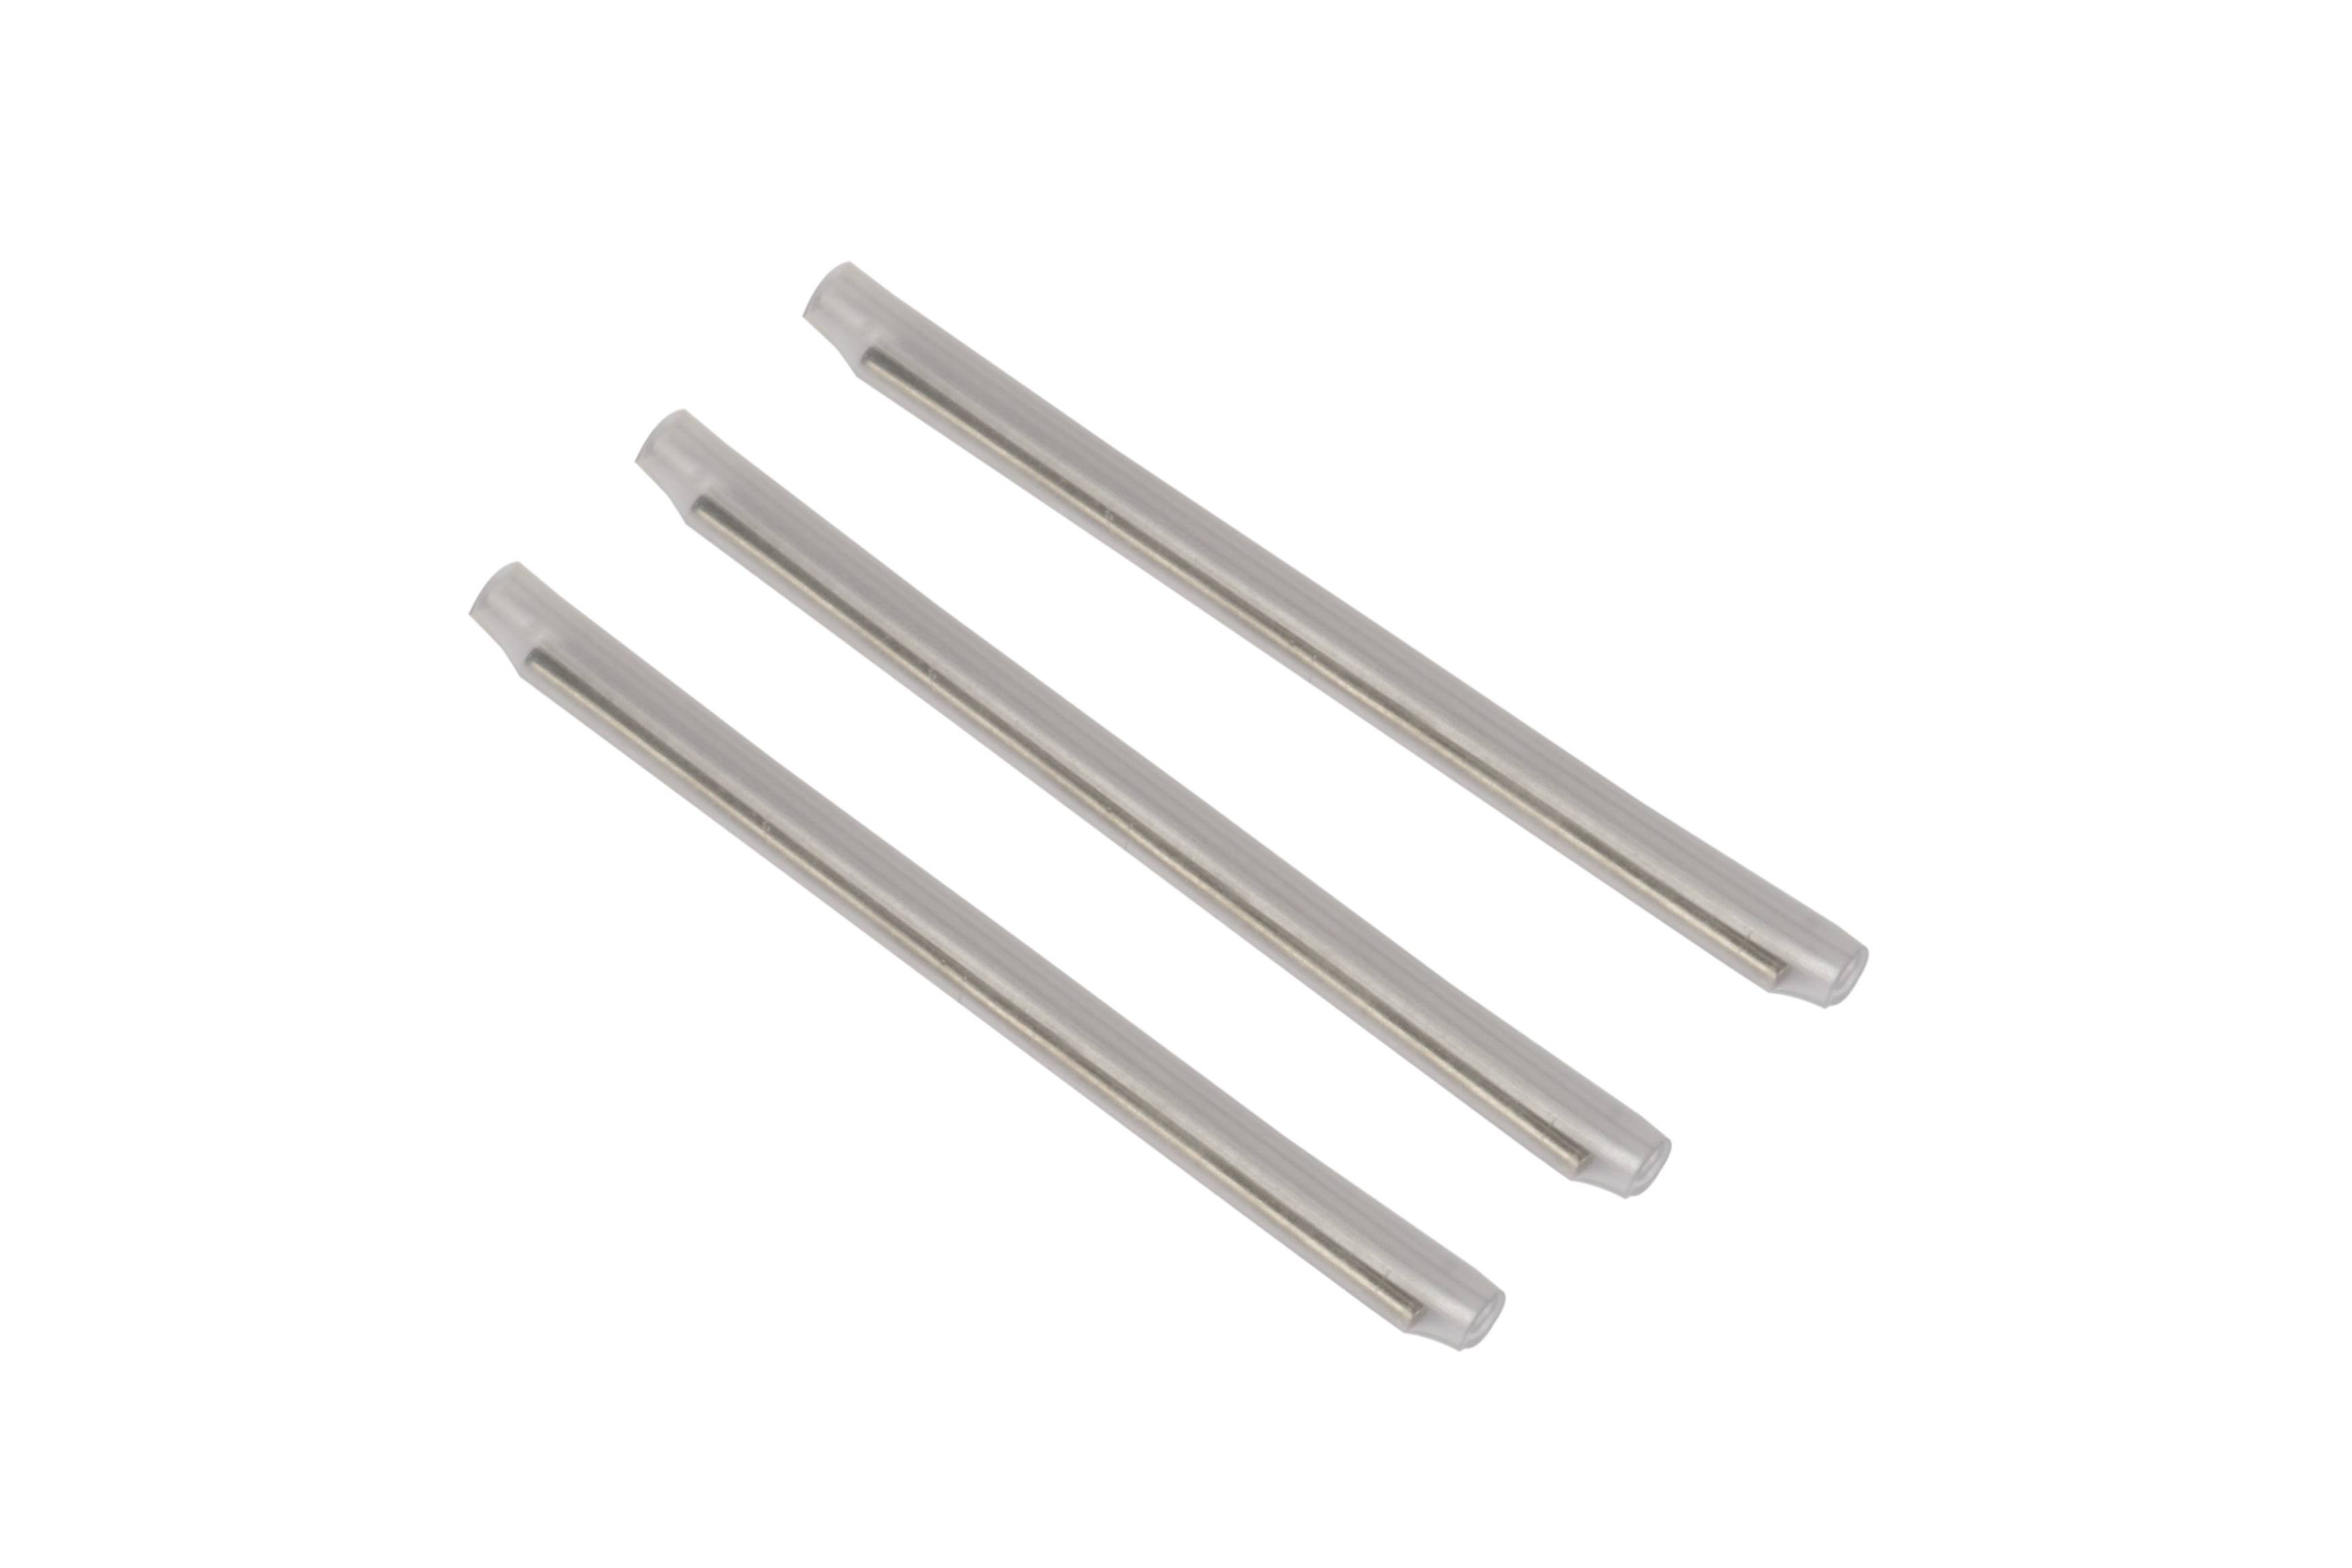 optic fiber splicer protector